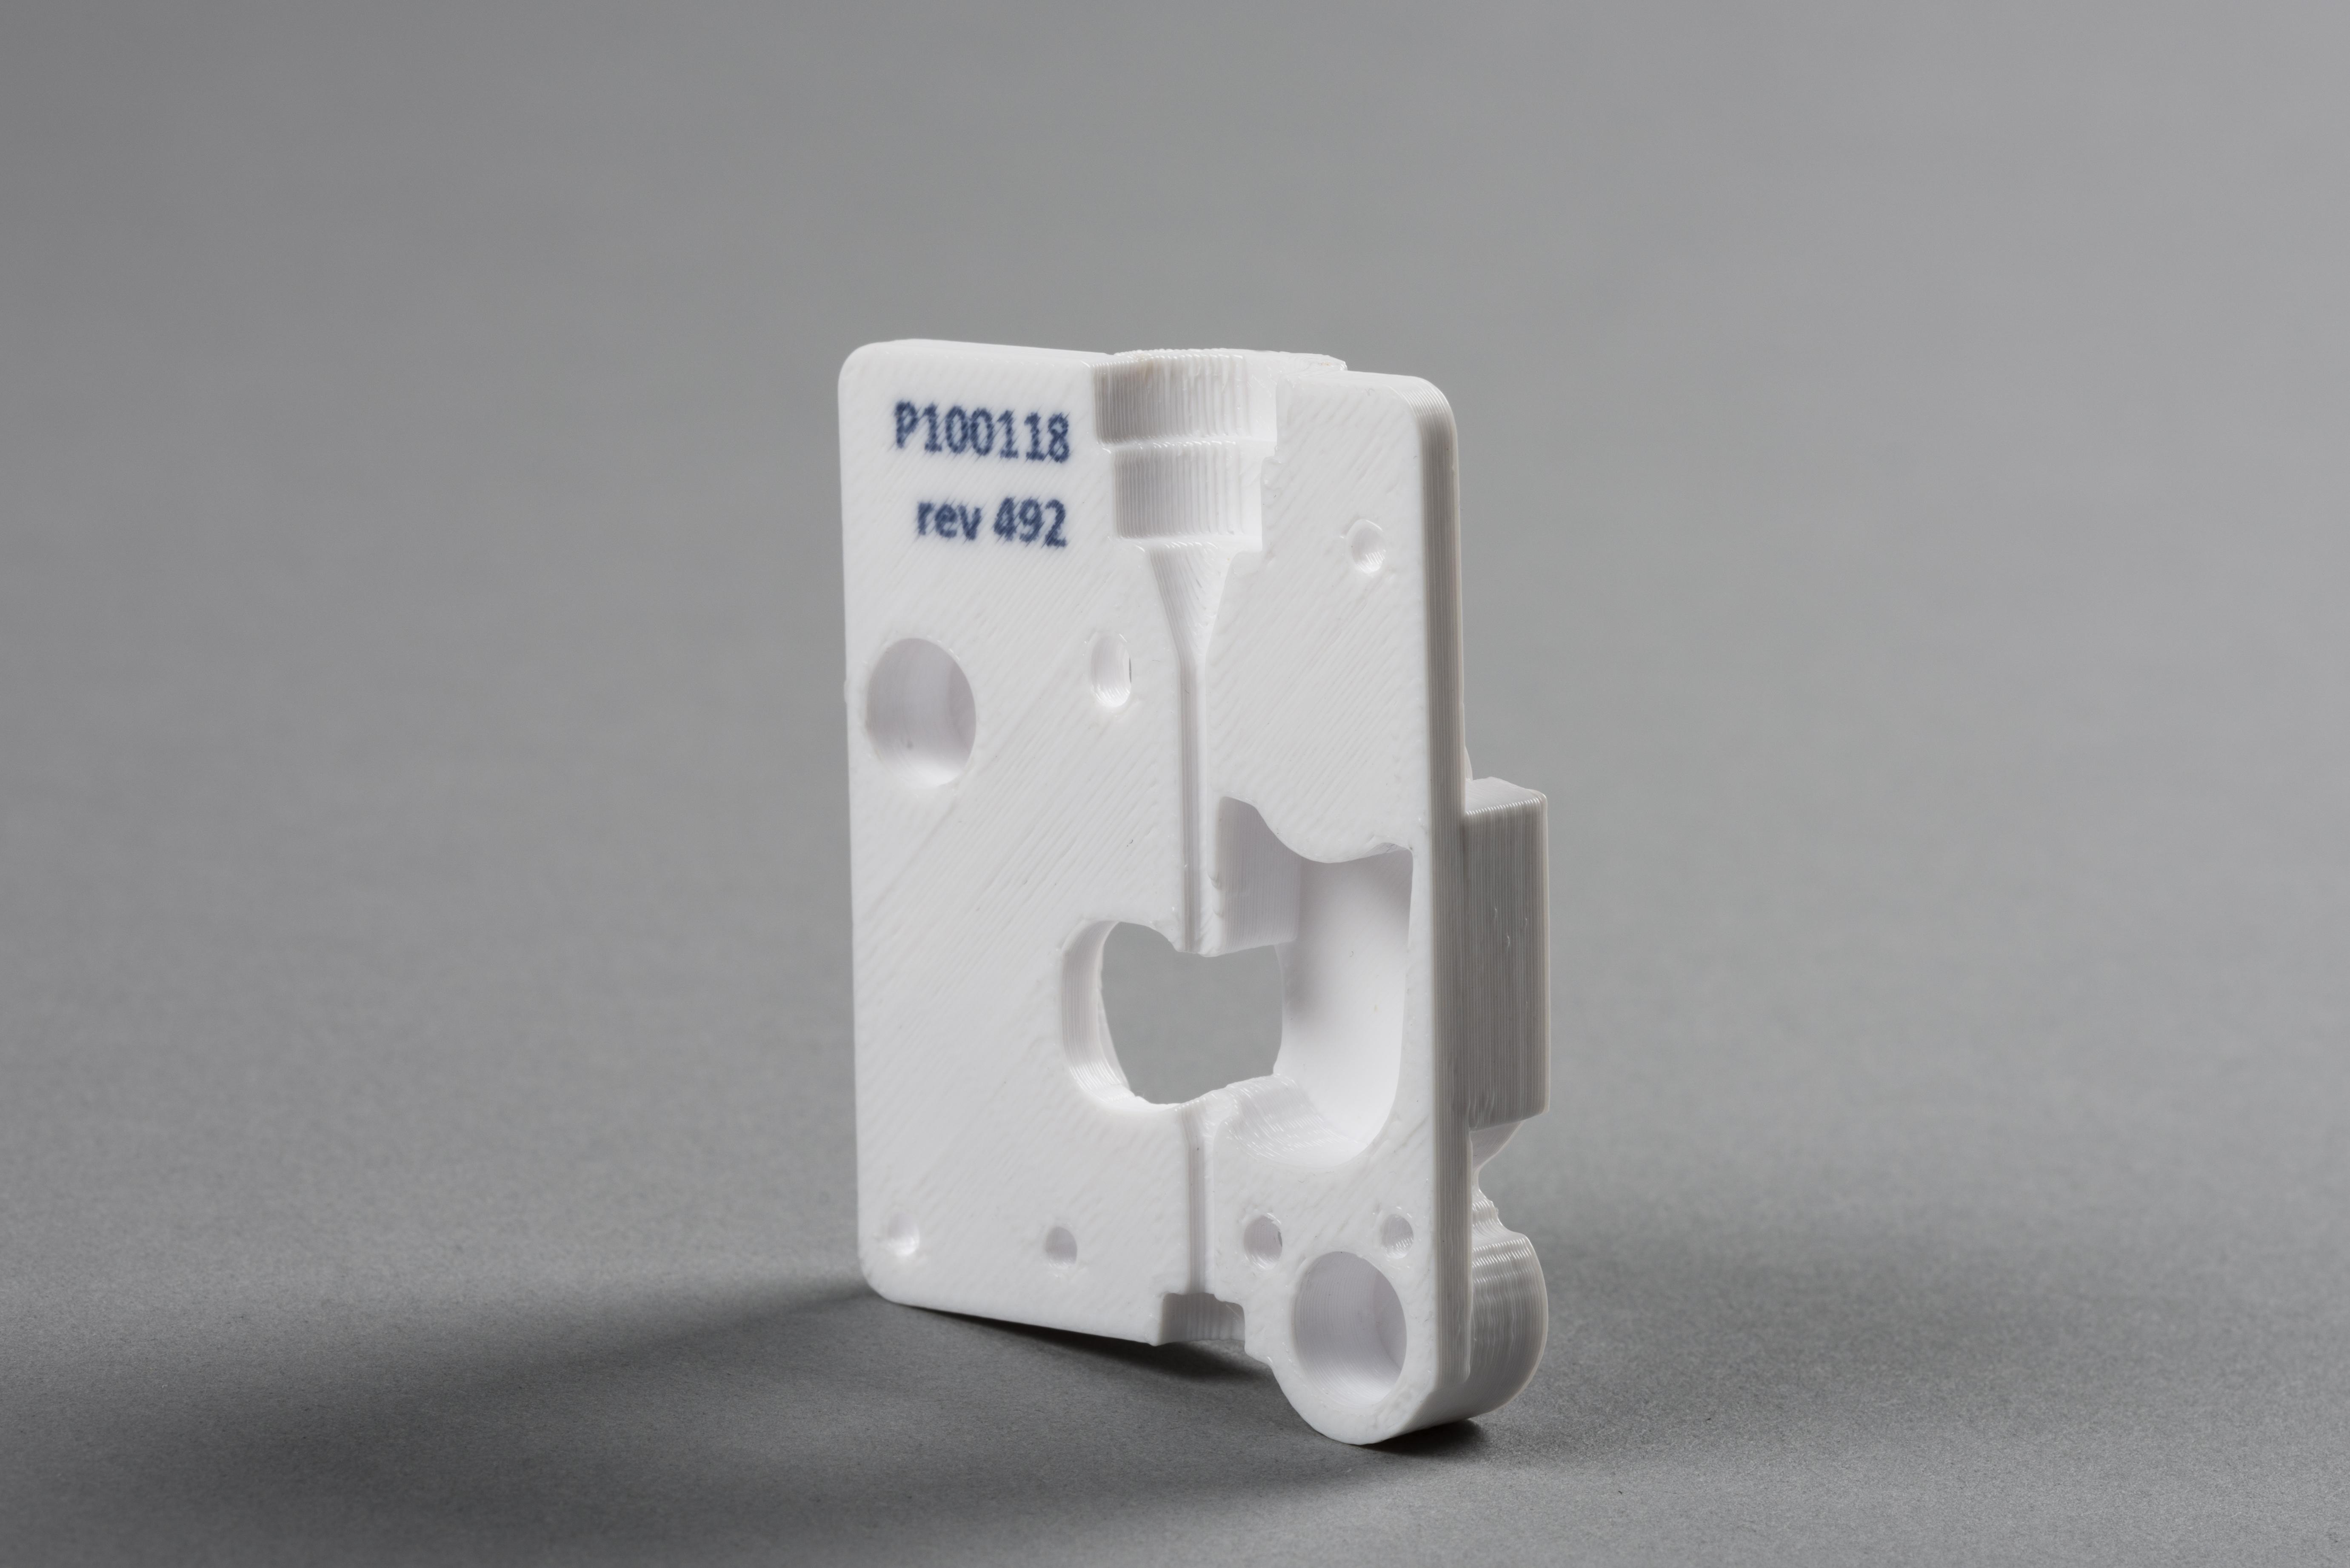 Rize One der erste 3D Drucker, der keine Nachbearbeitung benötigt ...